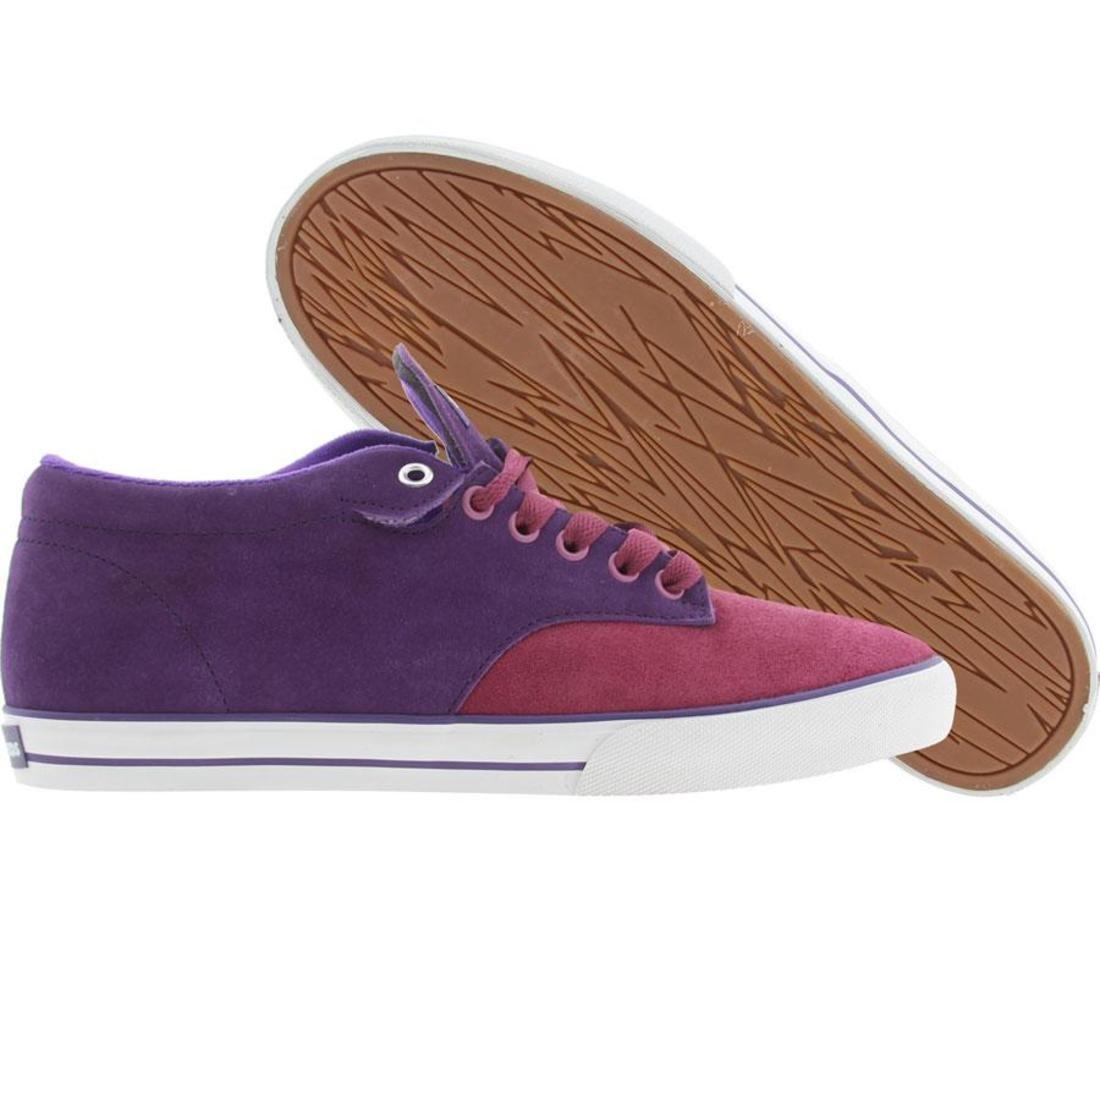 ジョンソン ミッド スニーカー メンズ 【 The Hundreds Johnson Mid (purple) 】 Purple